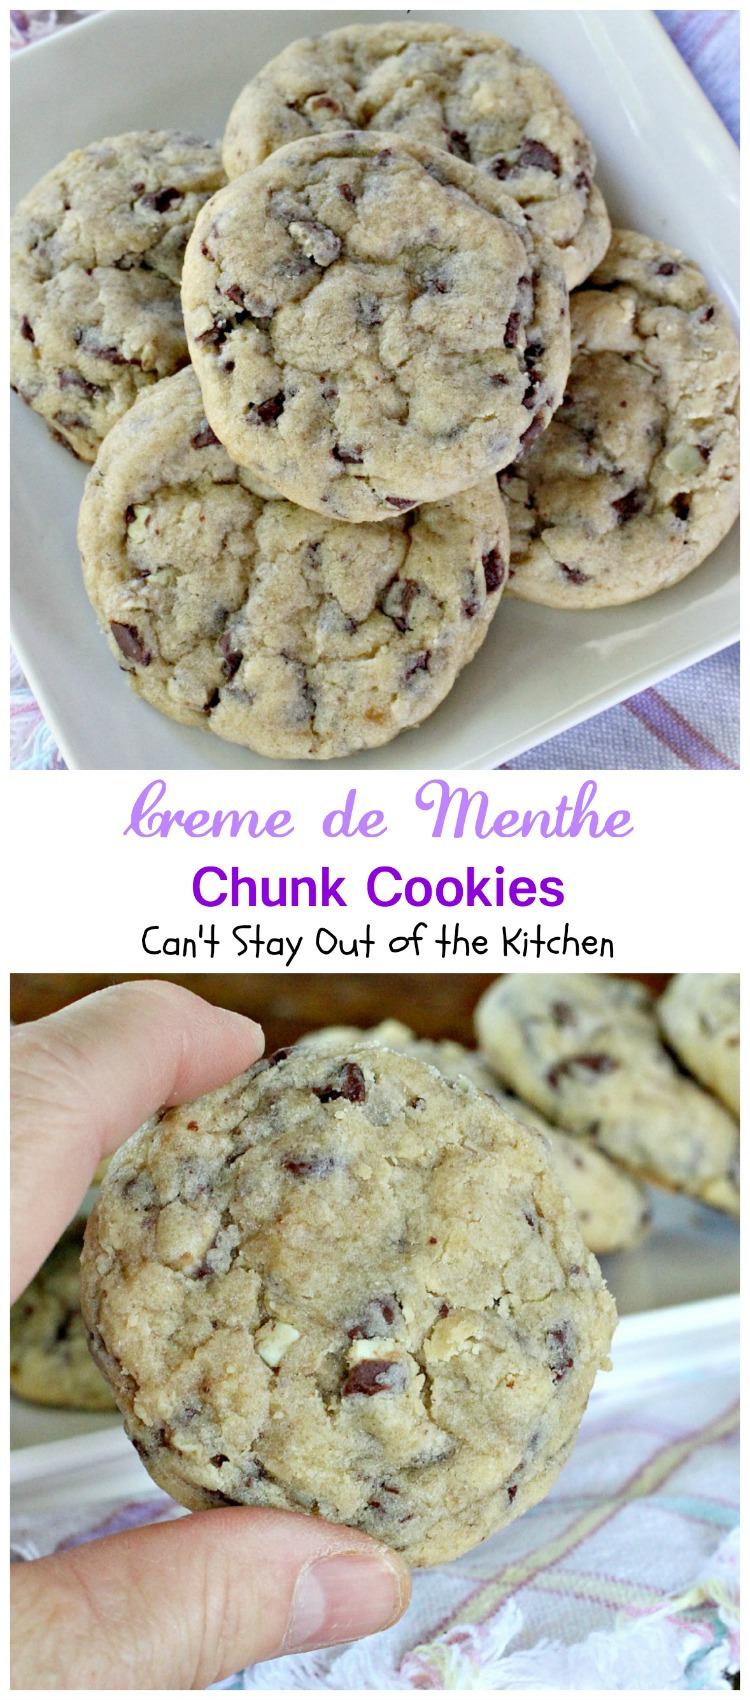 Creme de mint cookies recipes